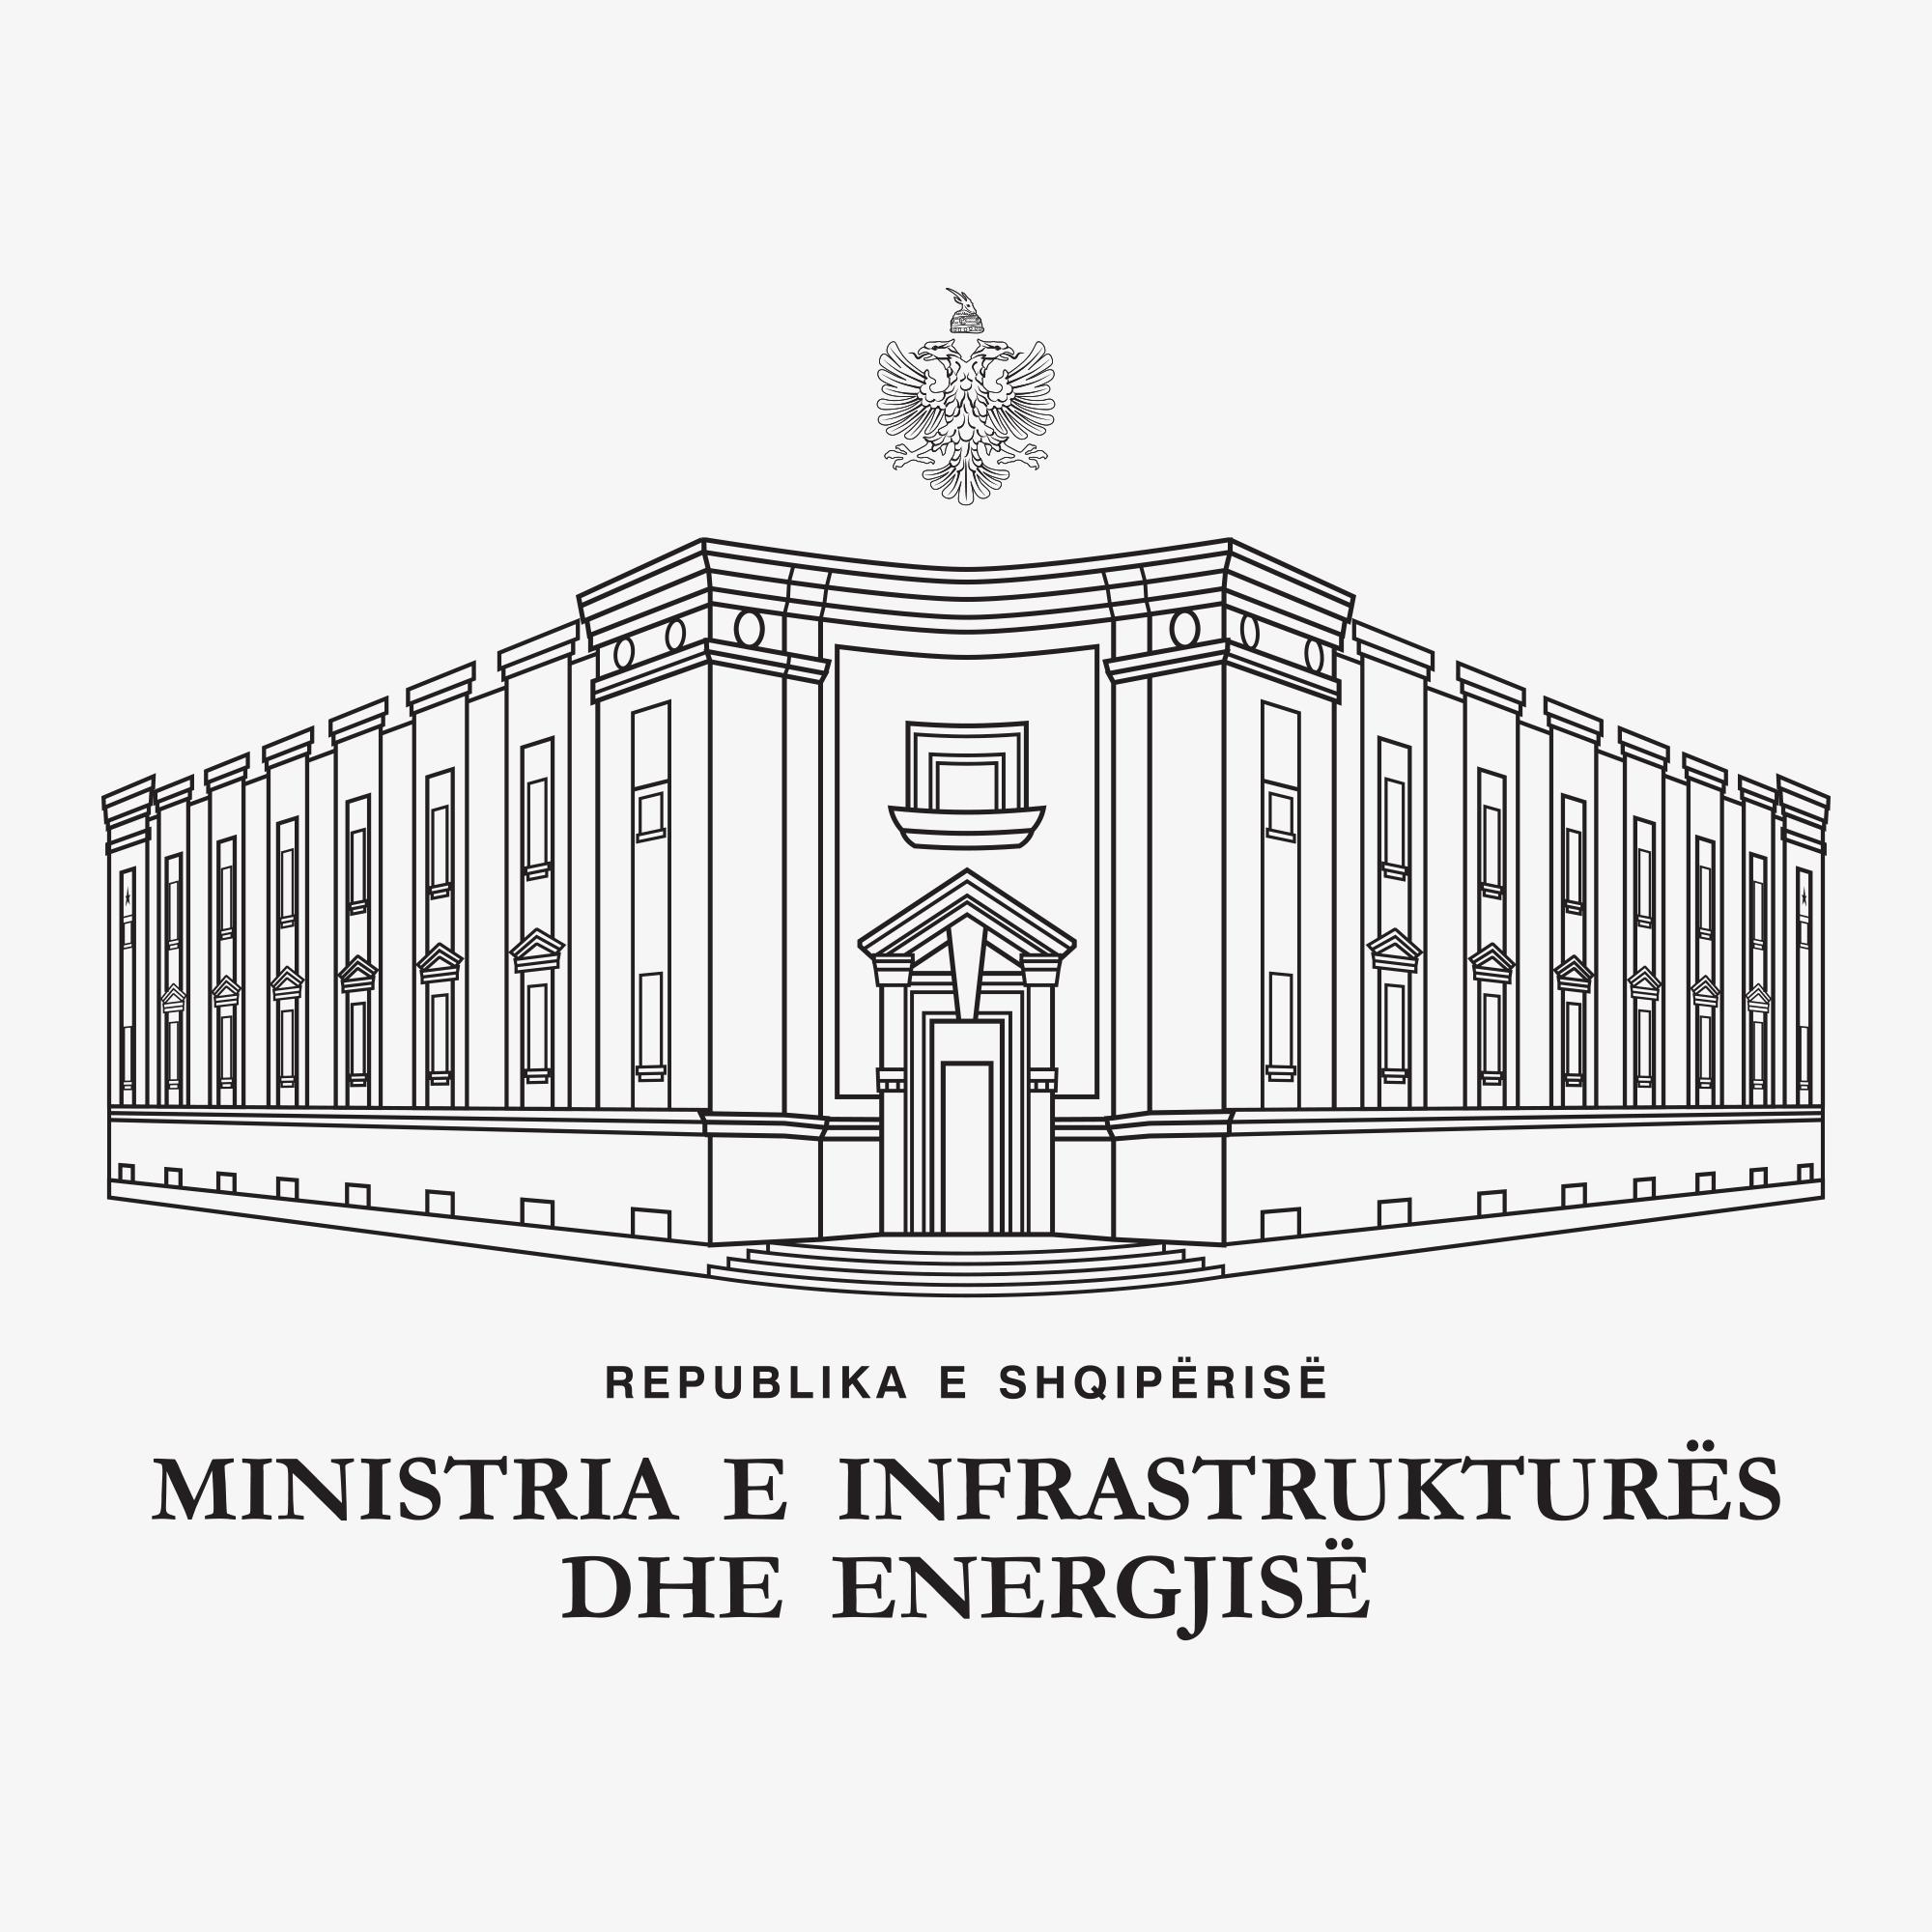 Ministria e infrastruktures dhe energjise.jpg